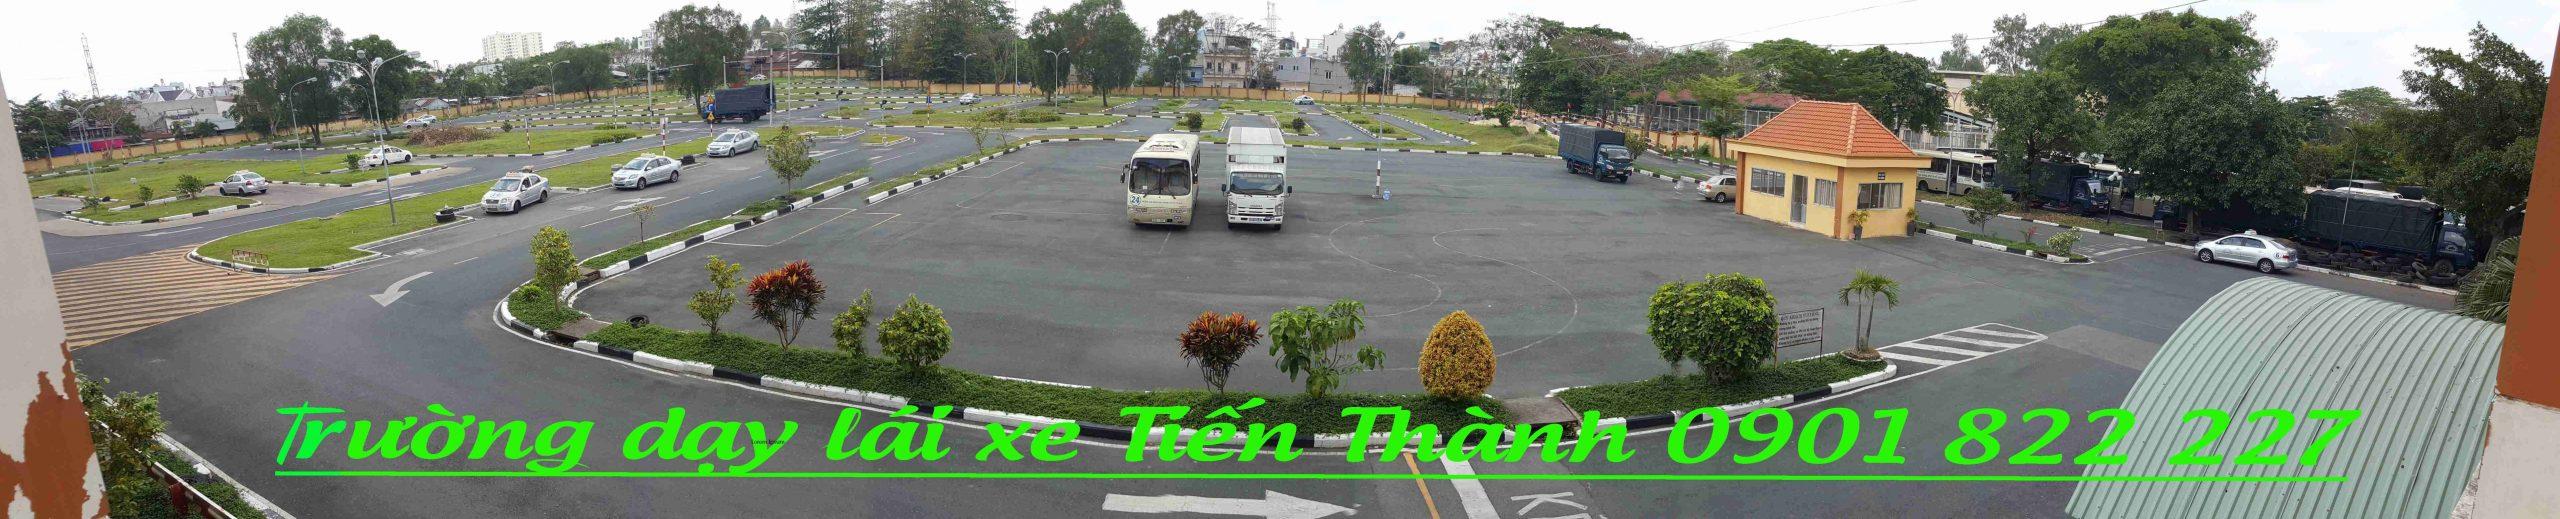 Bãi sa hình phục vụ thuê xe tập lái Bình Chánh tại Tiến Thành